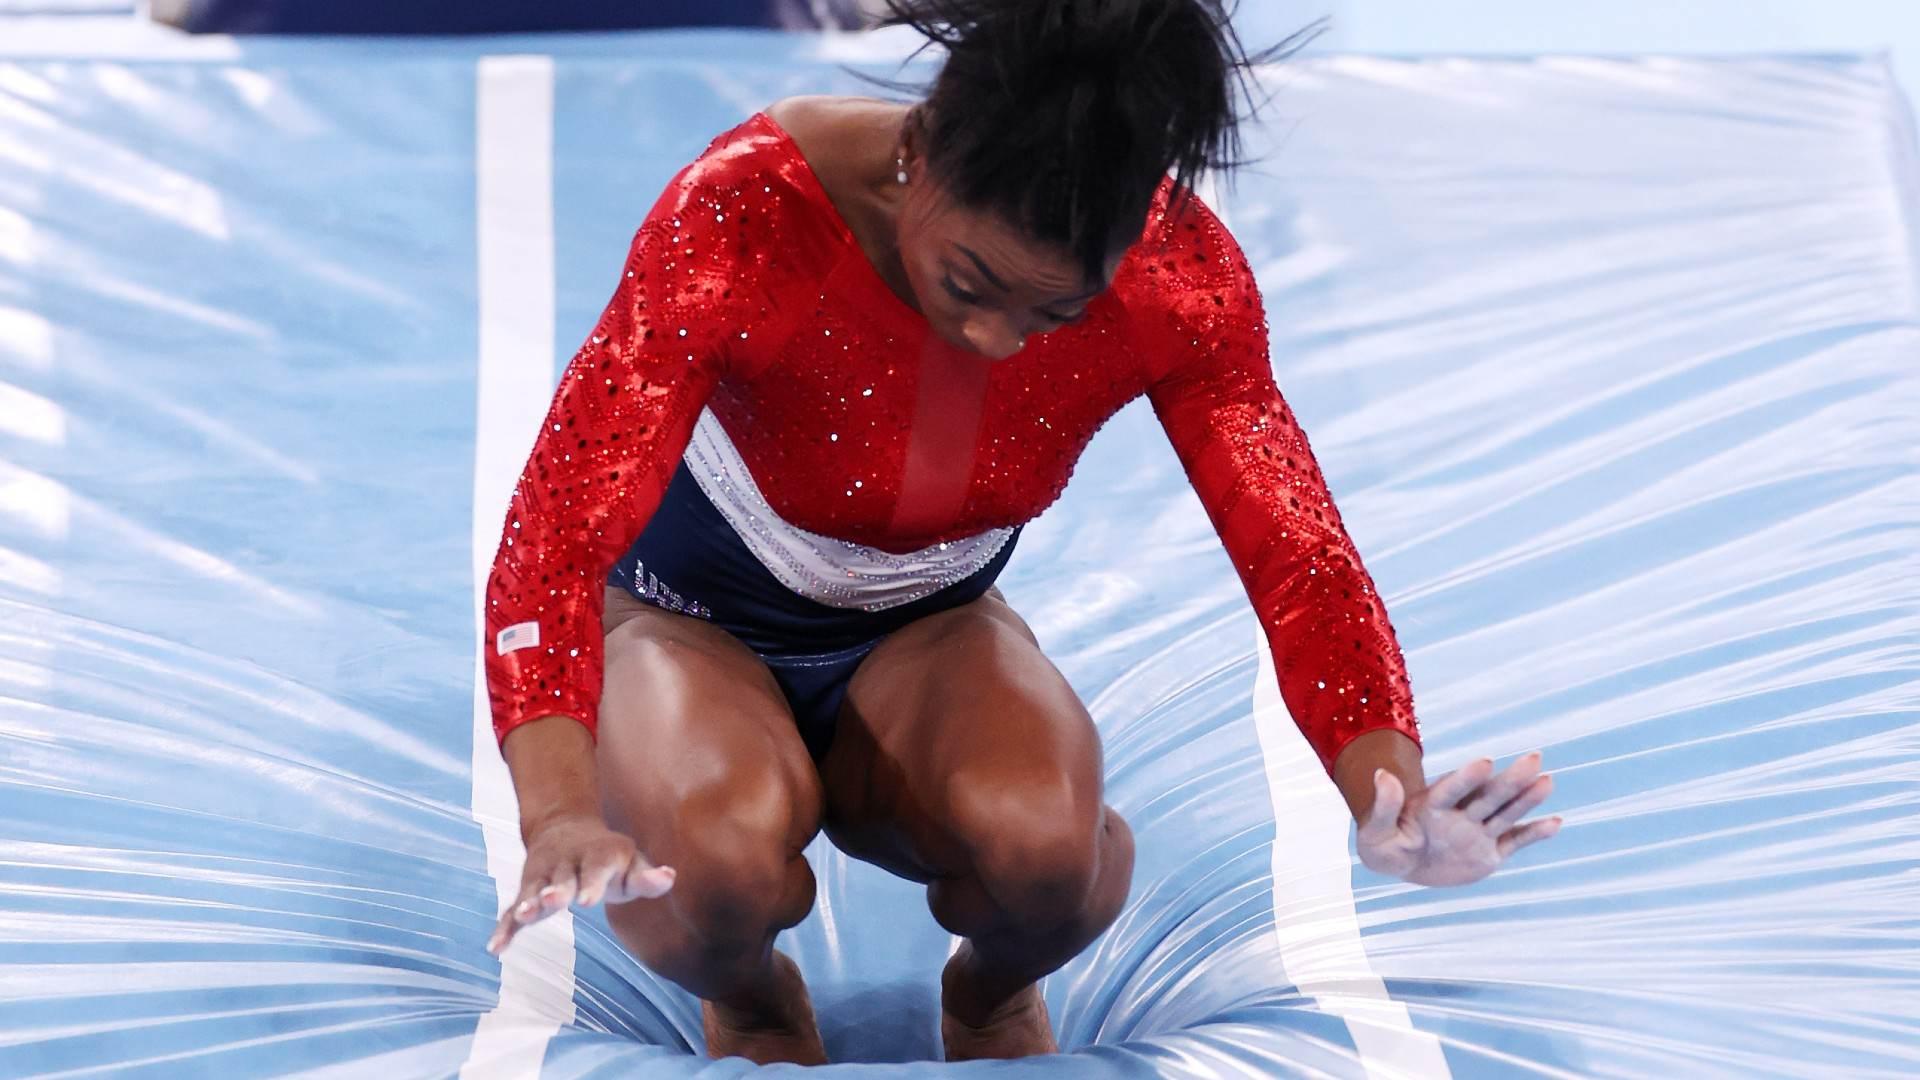 Simone Biles, dos EUA, teve dificuldade no salto durante final por equipe